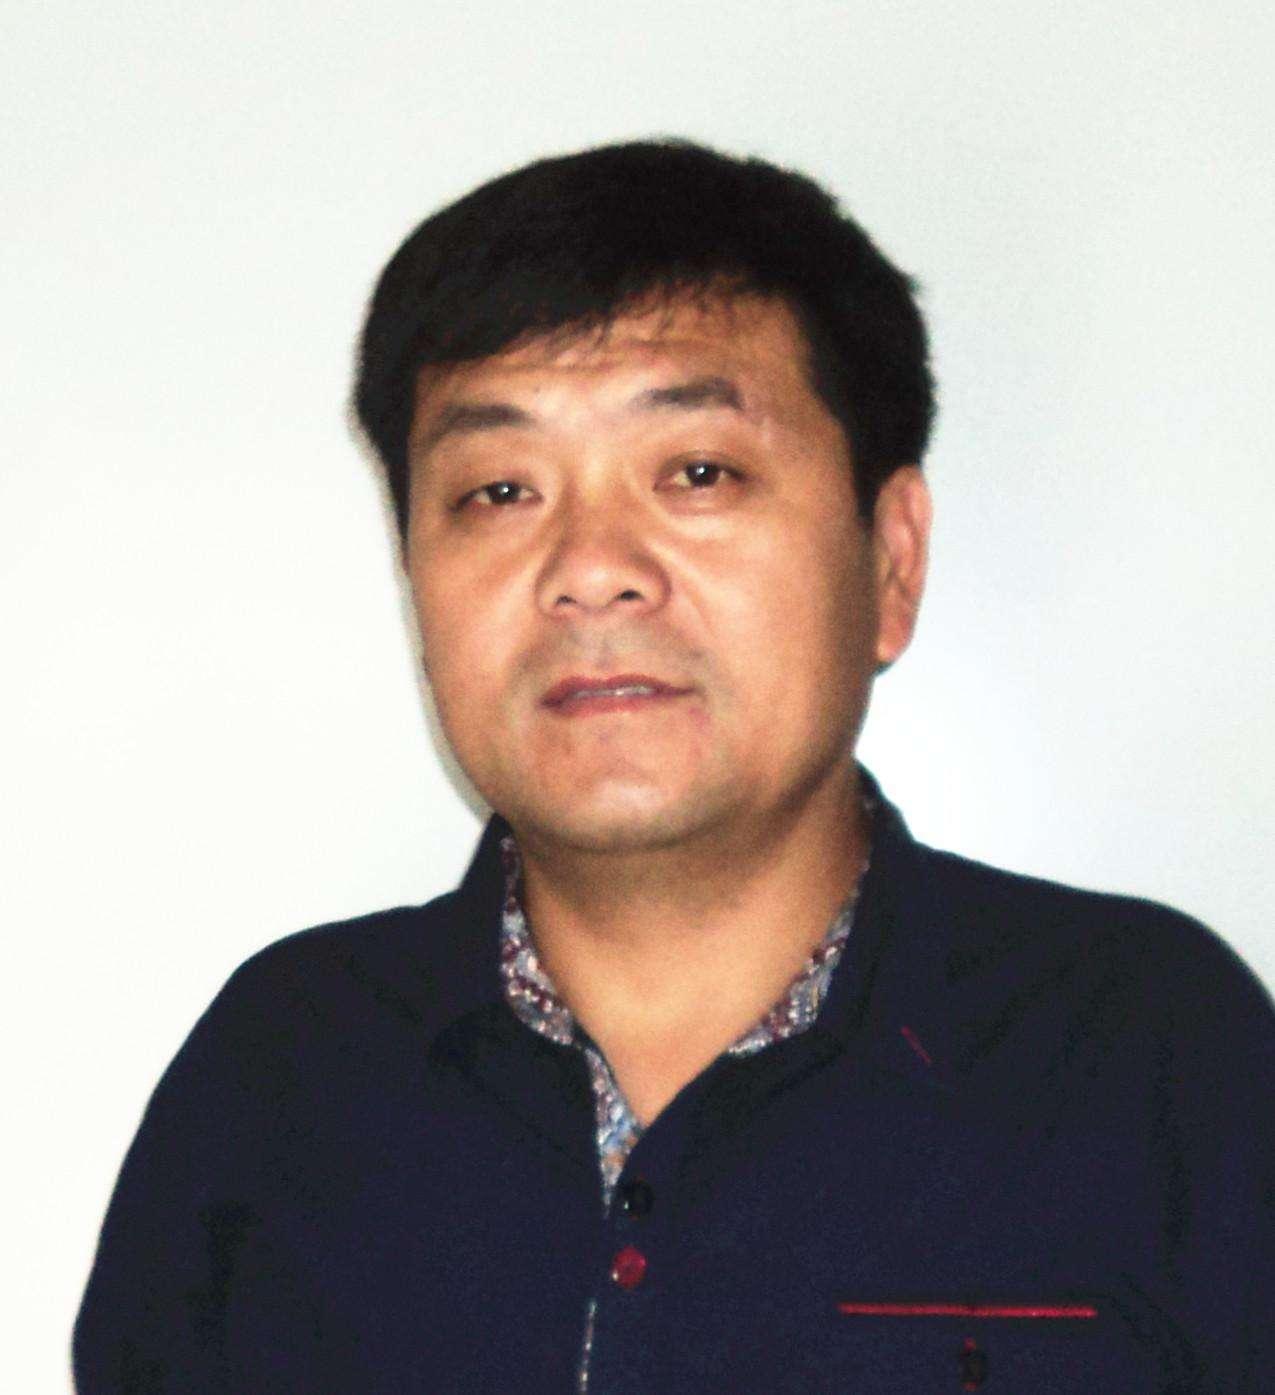 中国泰合资源集团公司执行总裁王天成照片